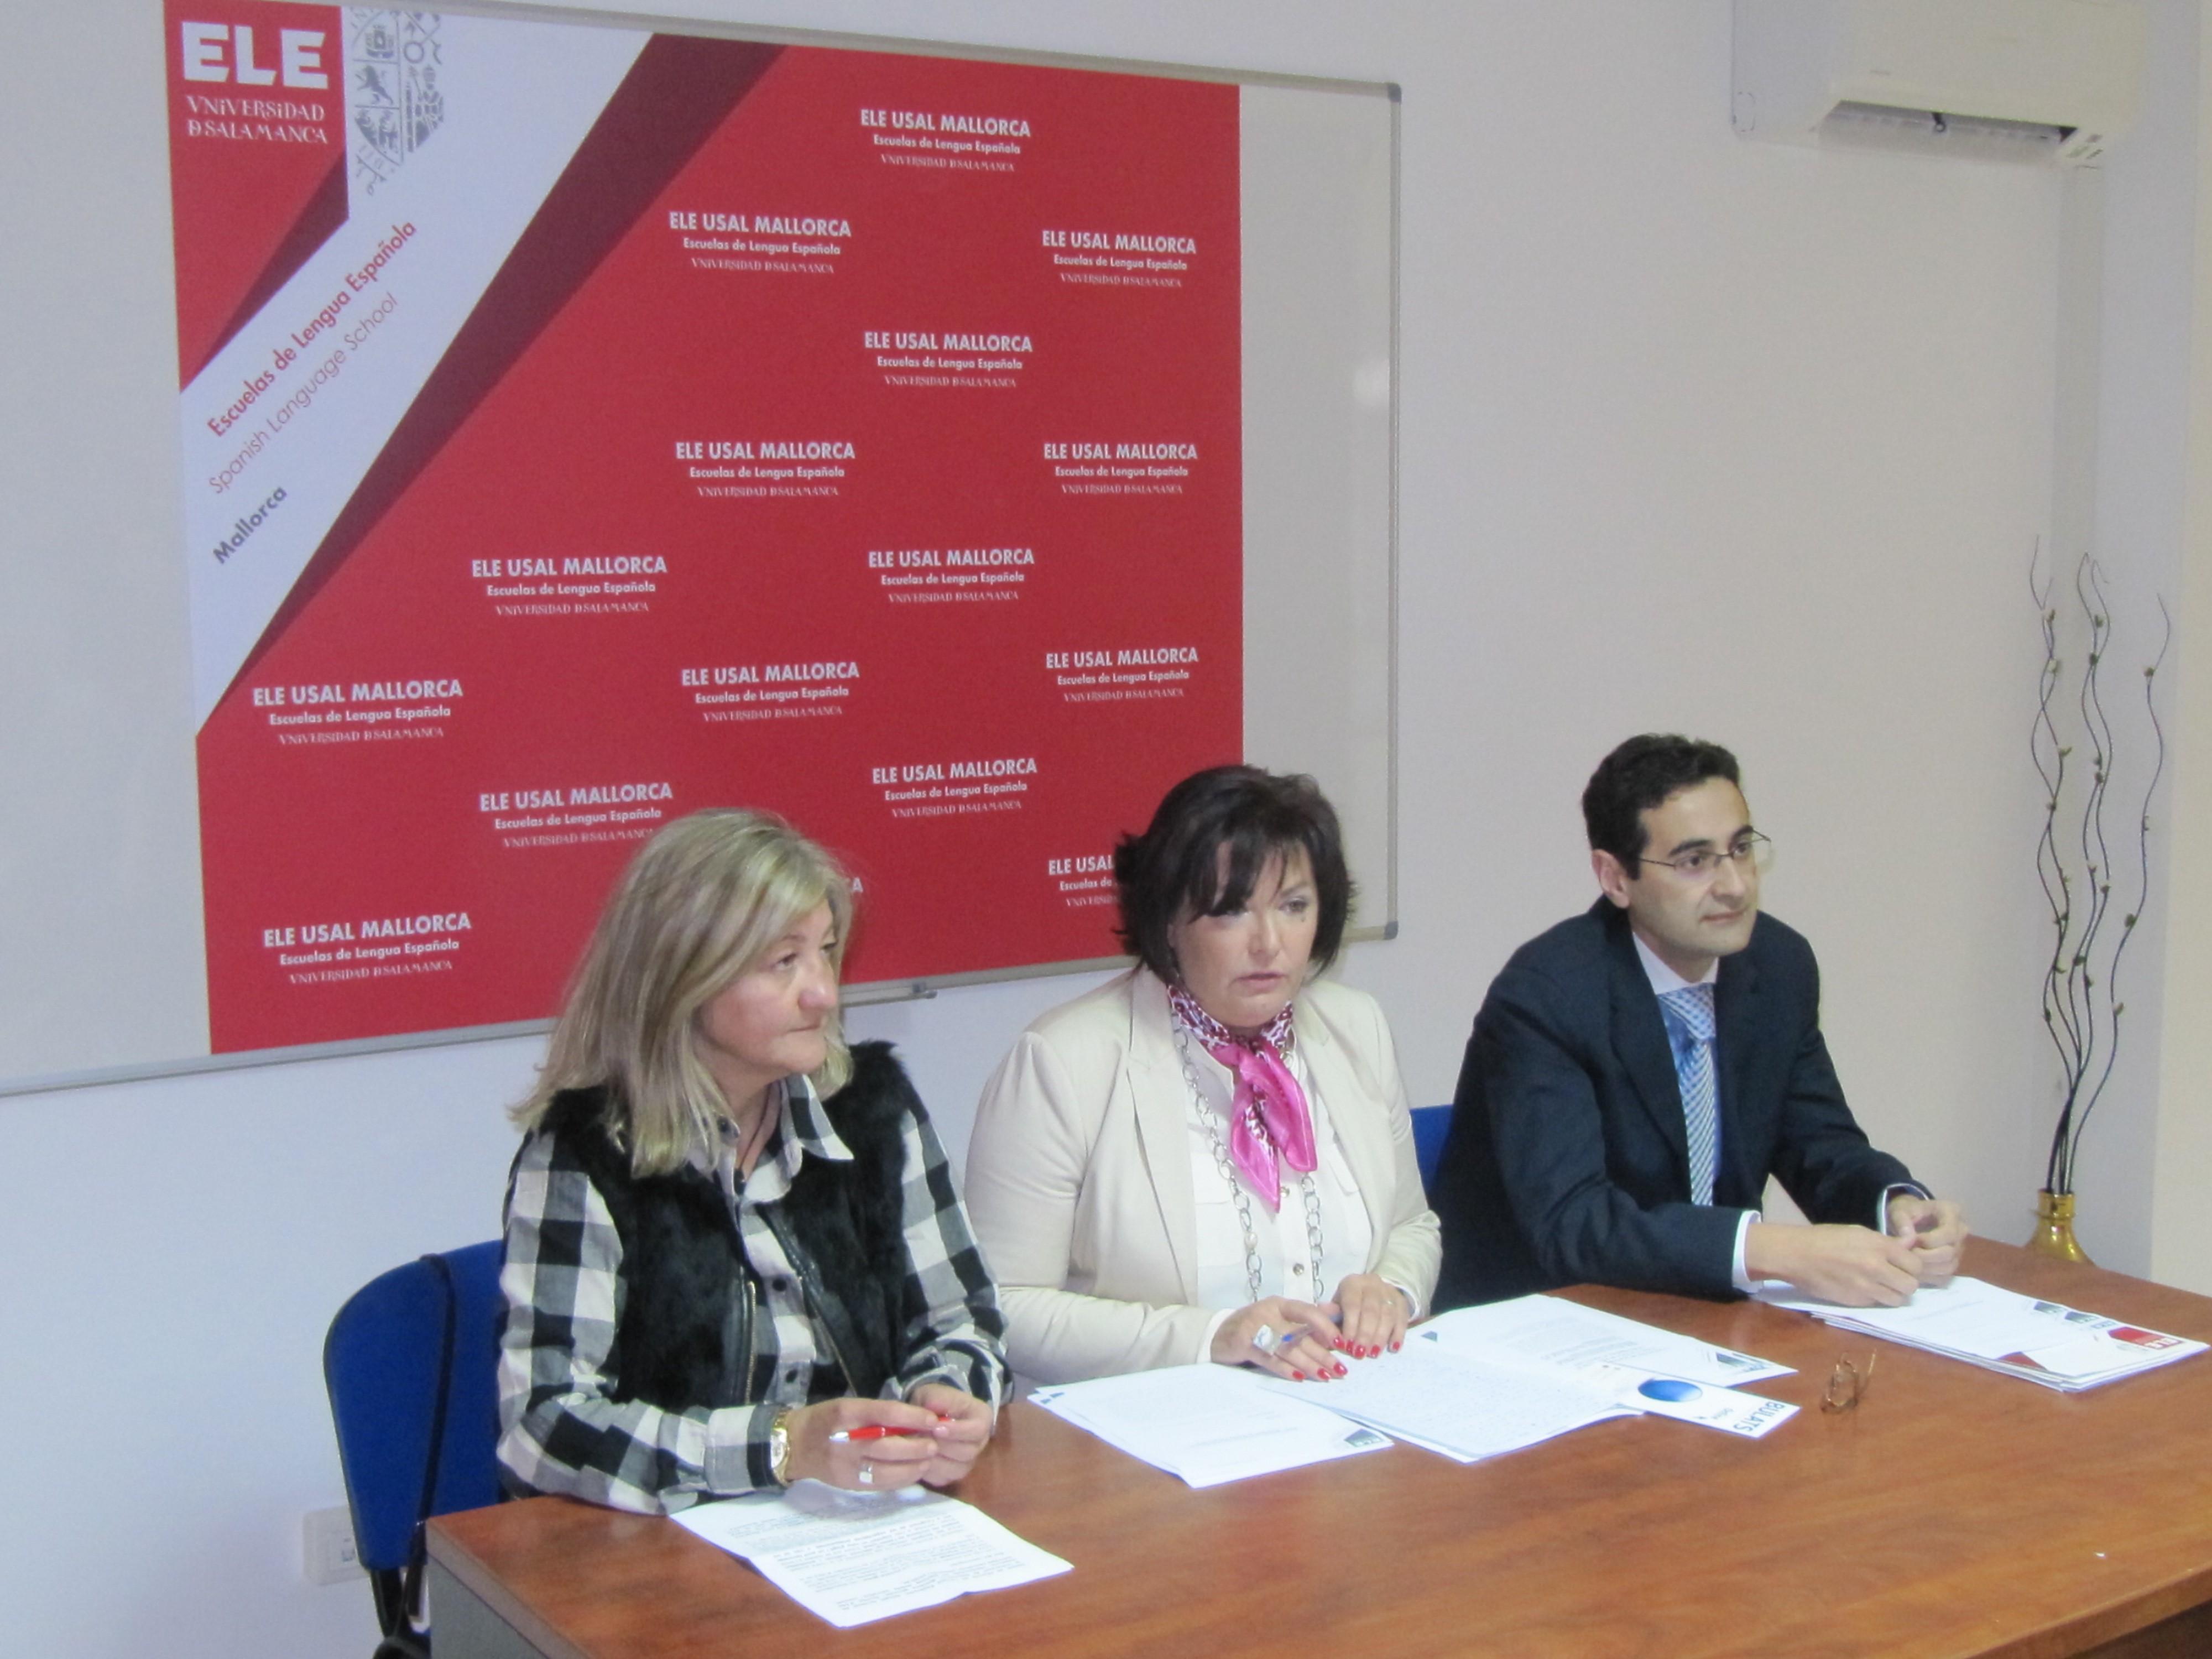 La Universidad de Salamanca inaugura en Palma la primera de sus Escuelas de Lengua Española en nuestro país